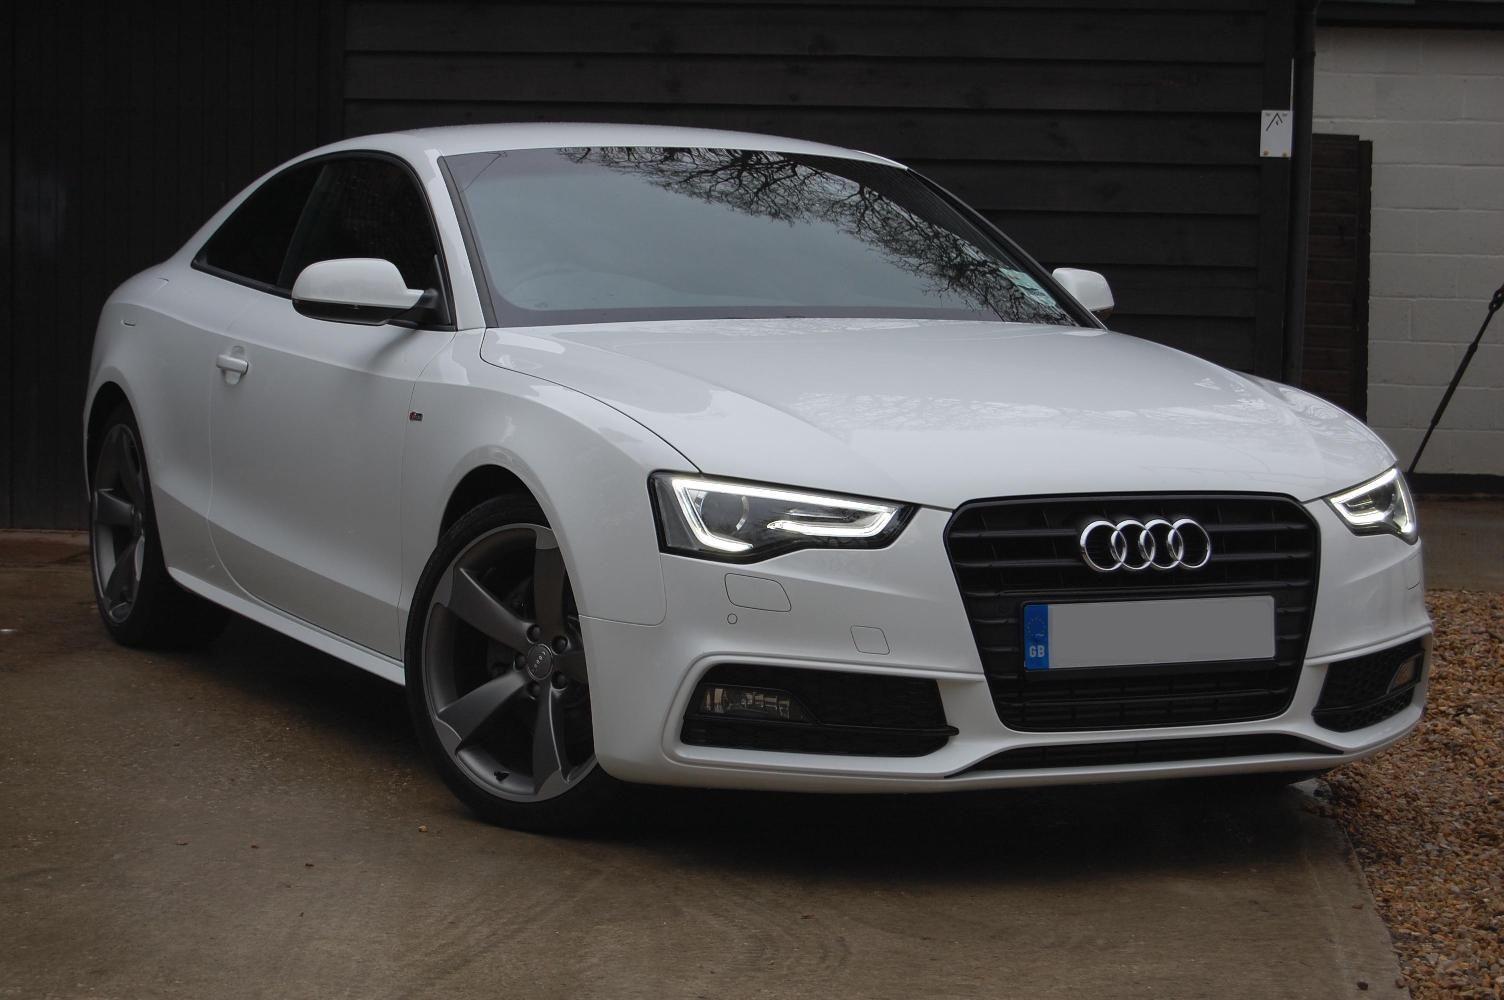 Kelebihan Kekurangan Audi A5 2014 Perbandingan Harga